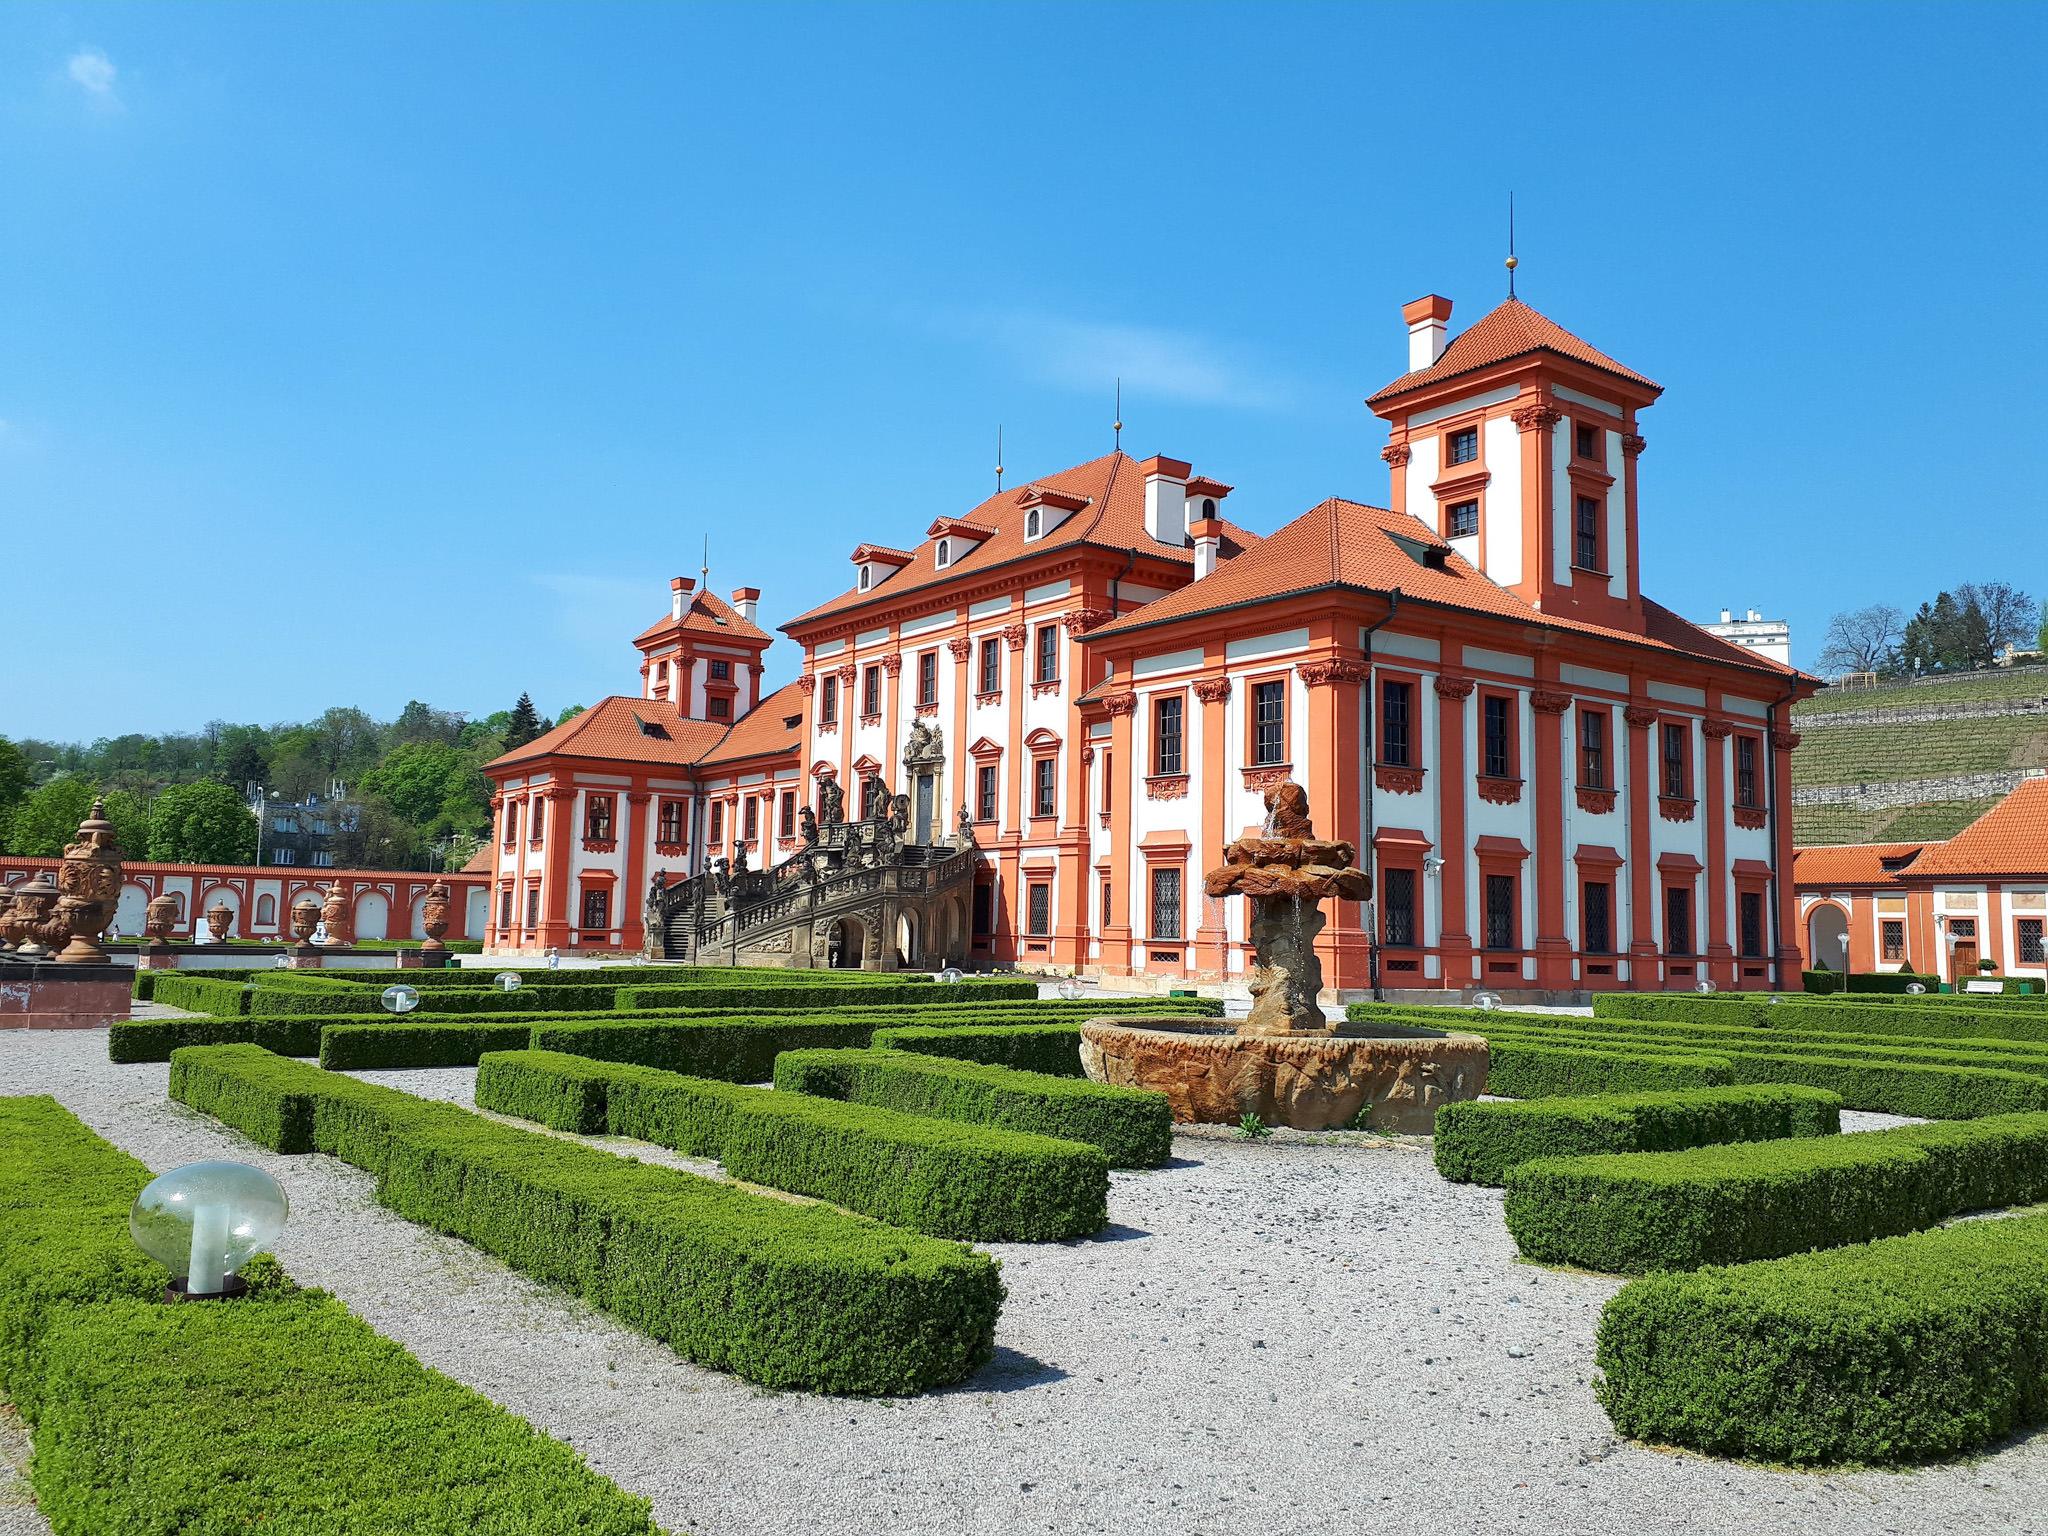 Фотосессия в замке Троя в Праге